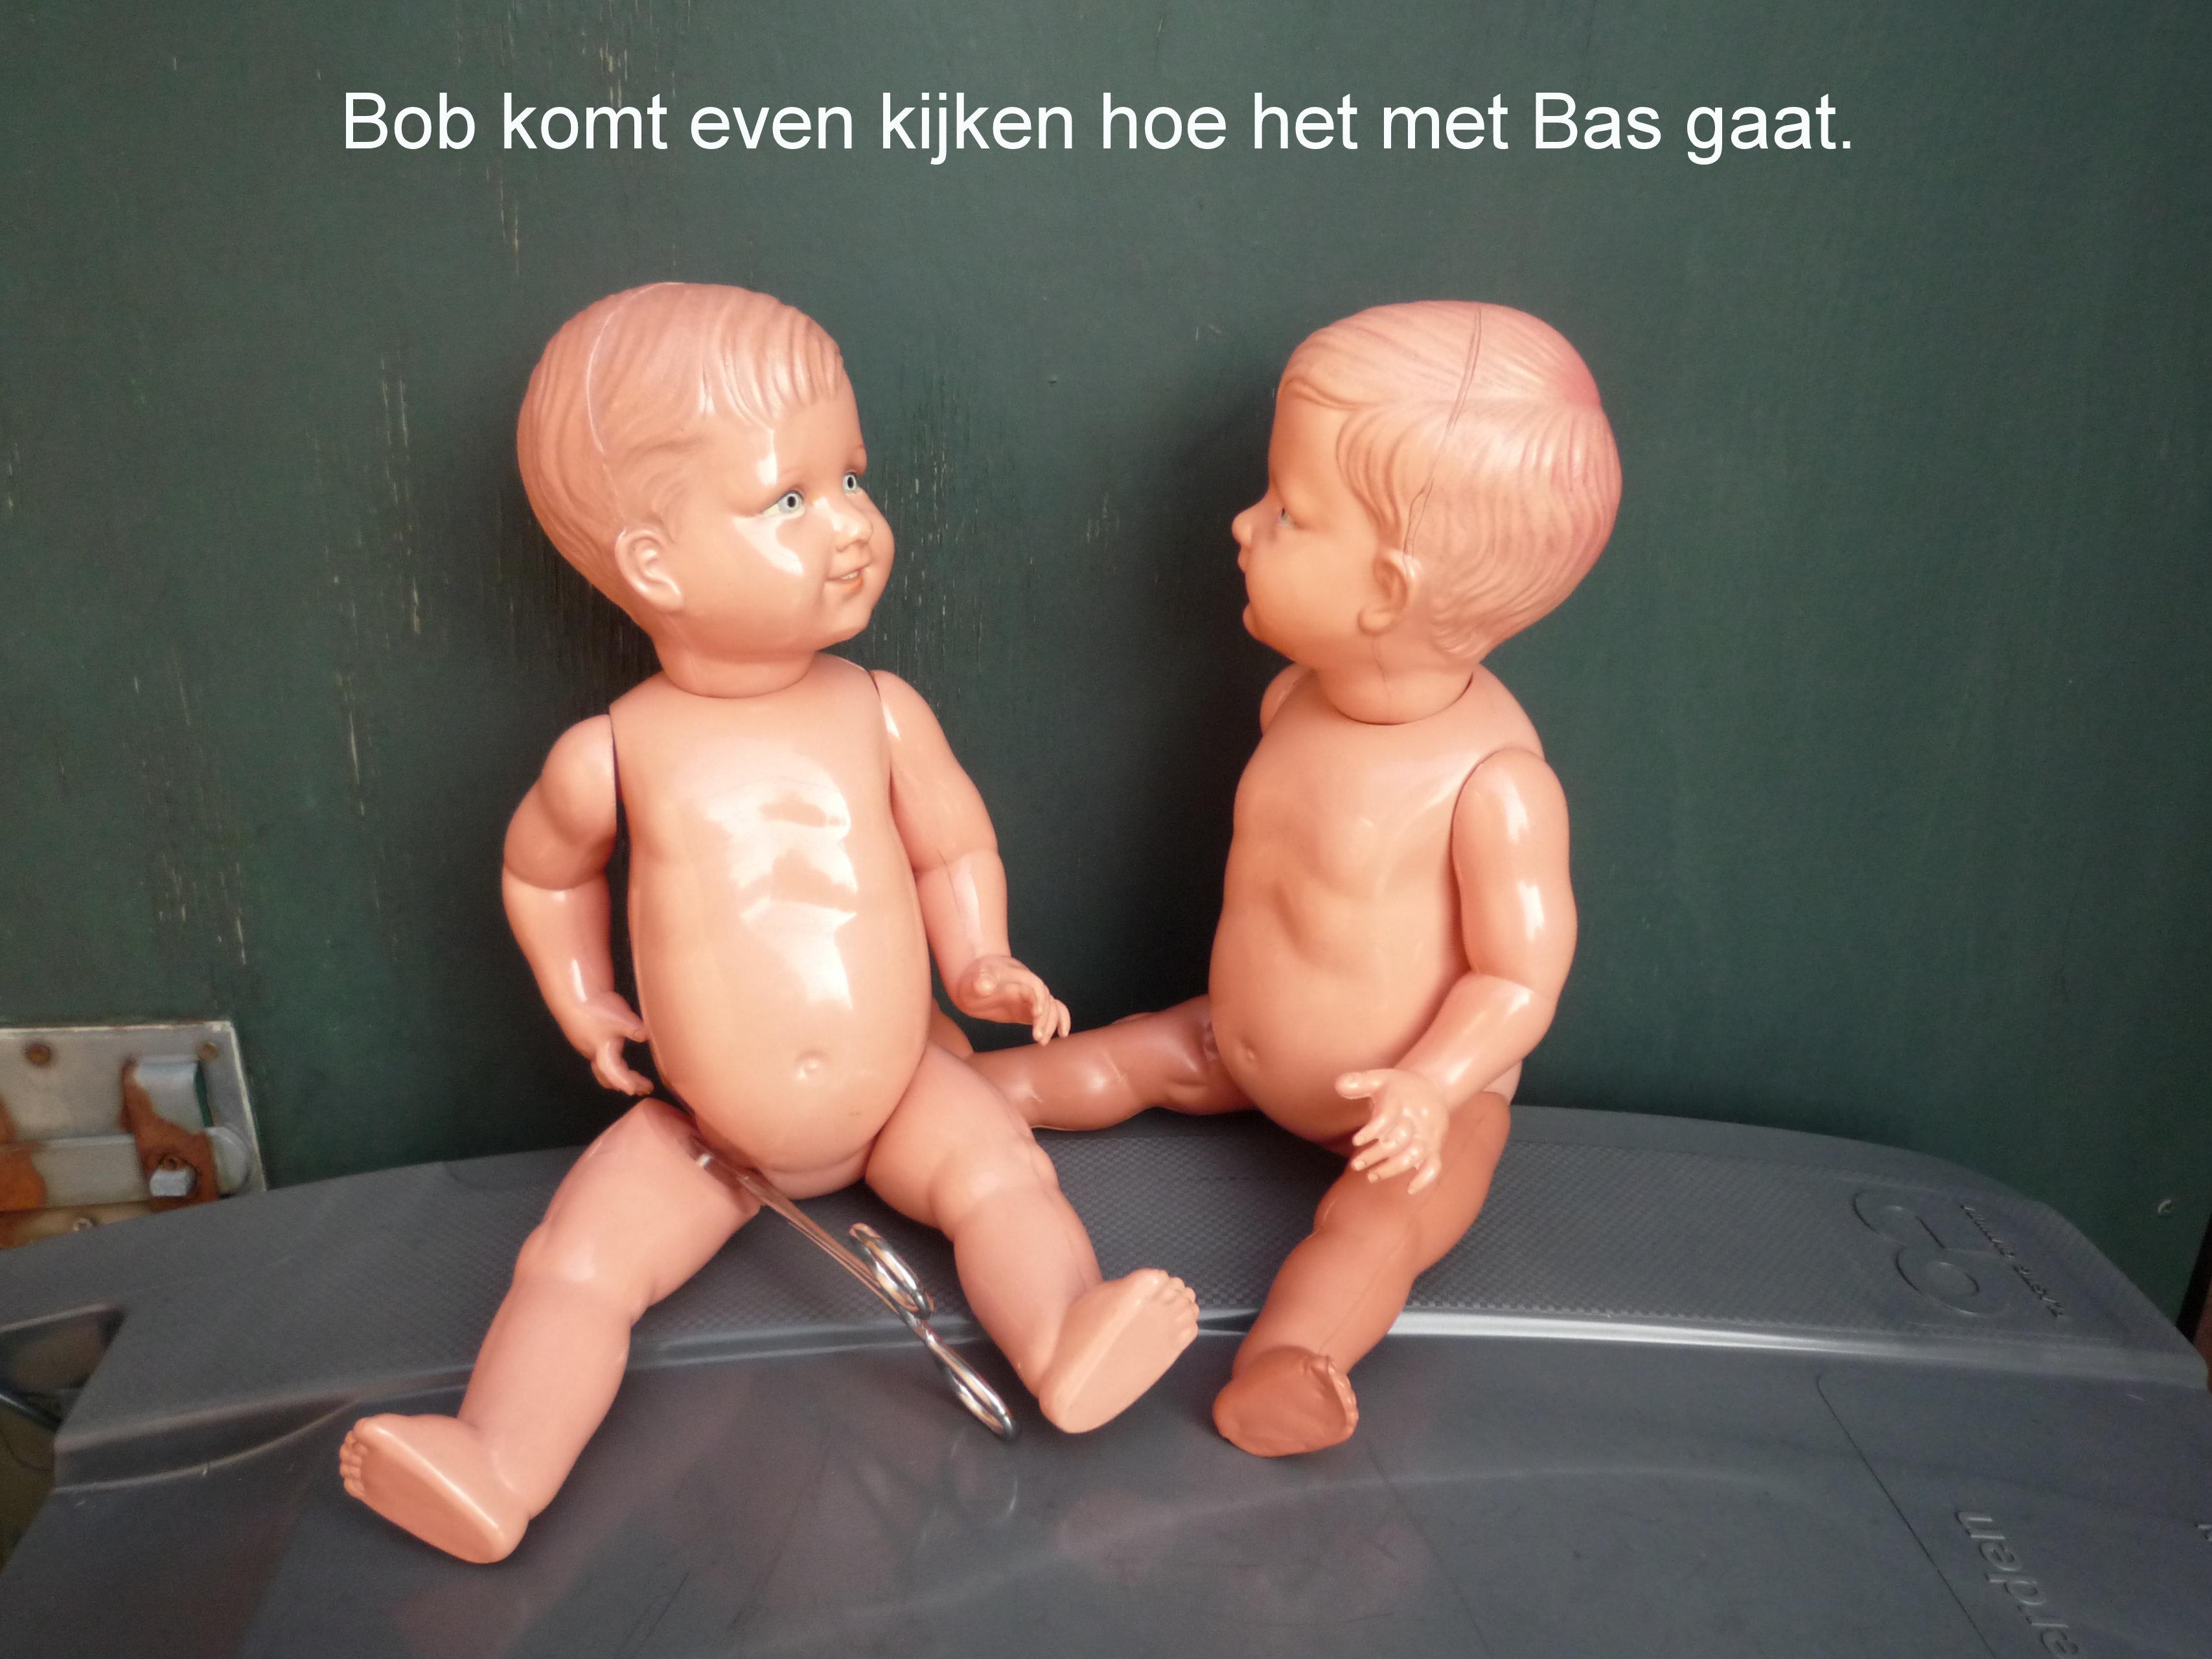 https://welkepopisdat.nl/afbeeldingen-Forum/DurvinaFotos/Bob%20en%20Bas%20(16).JPG